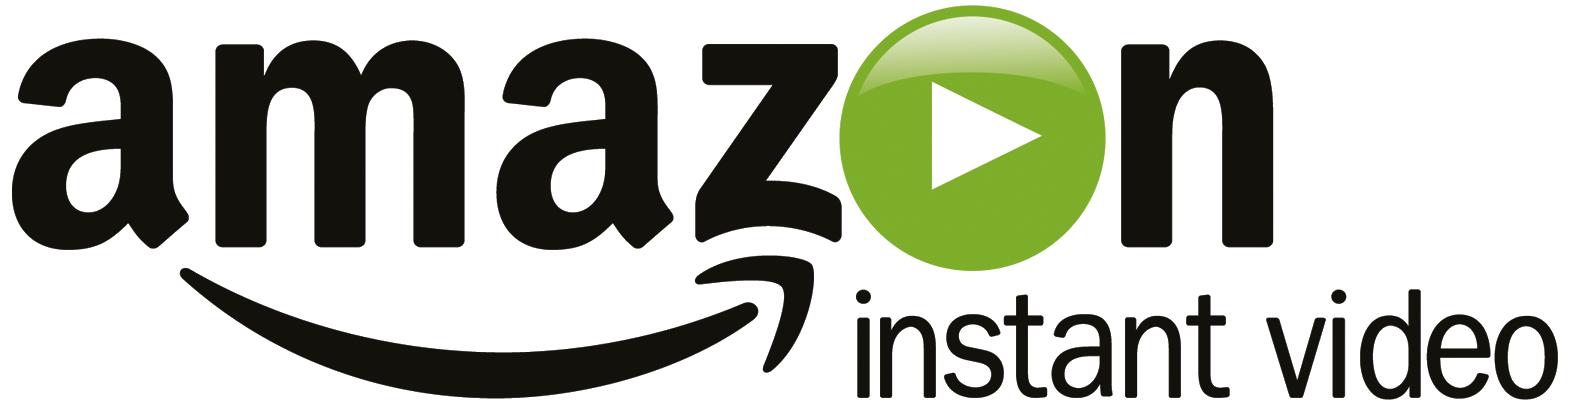 Amazon-Instant-Video-1